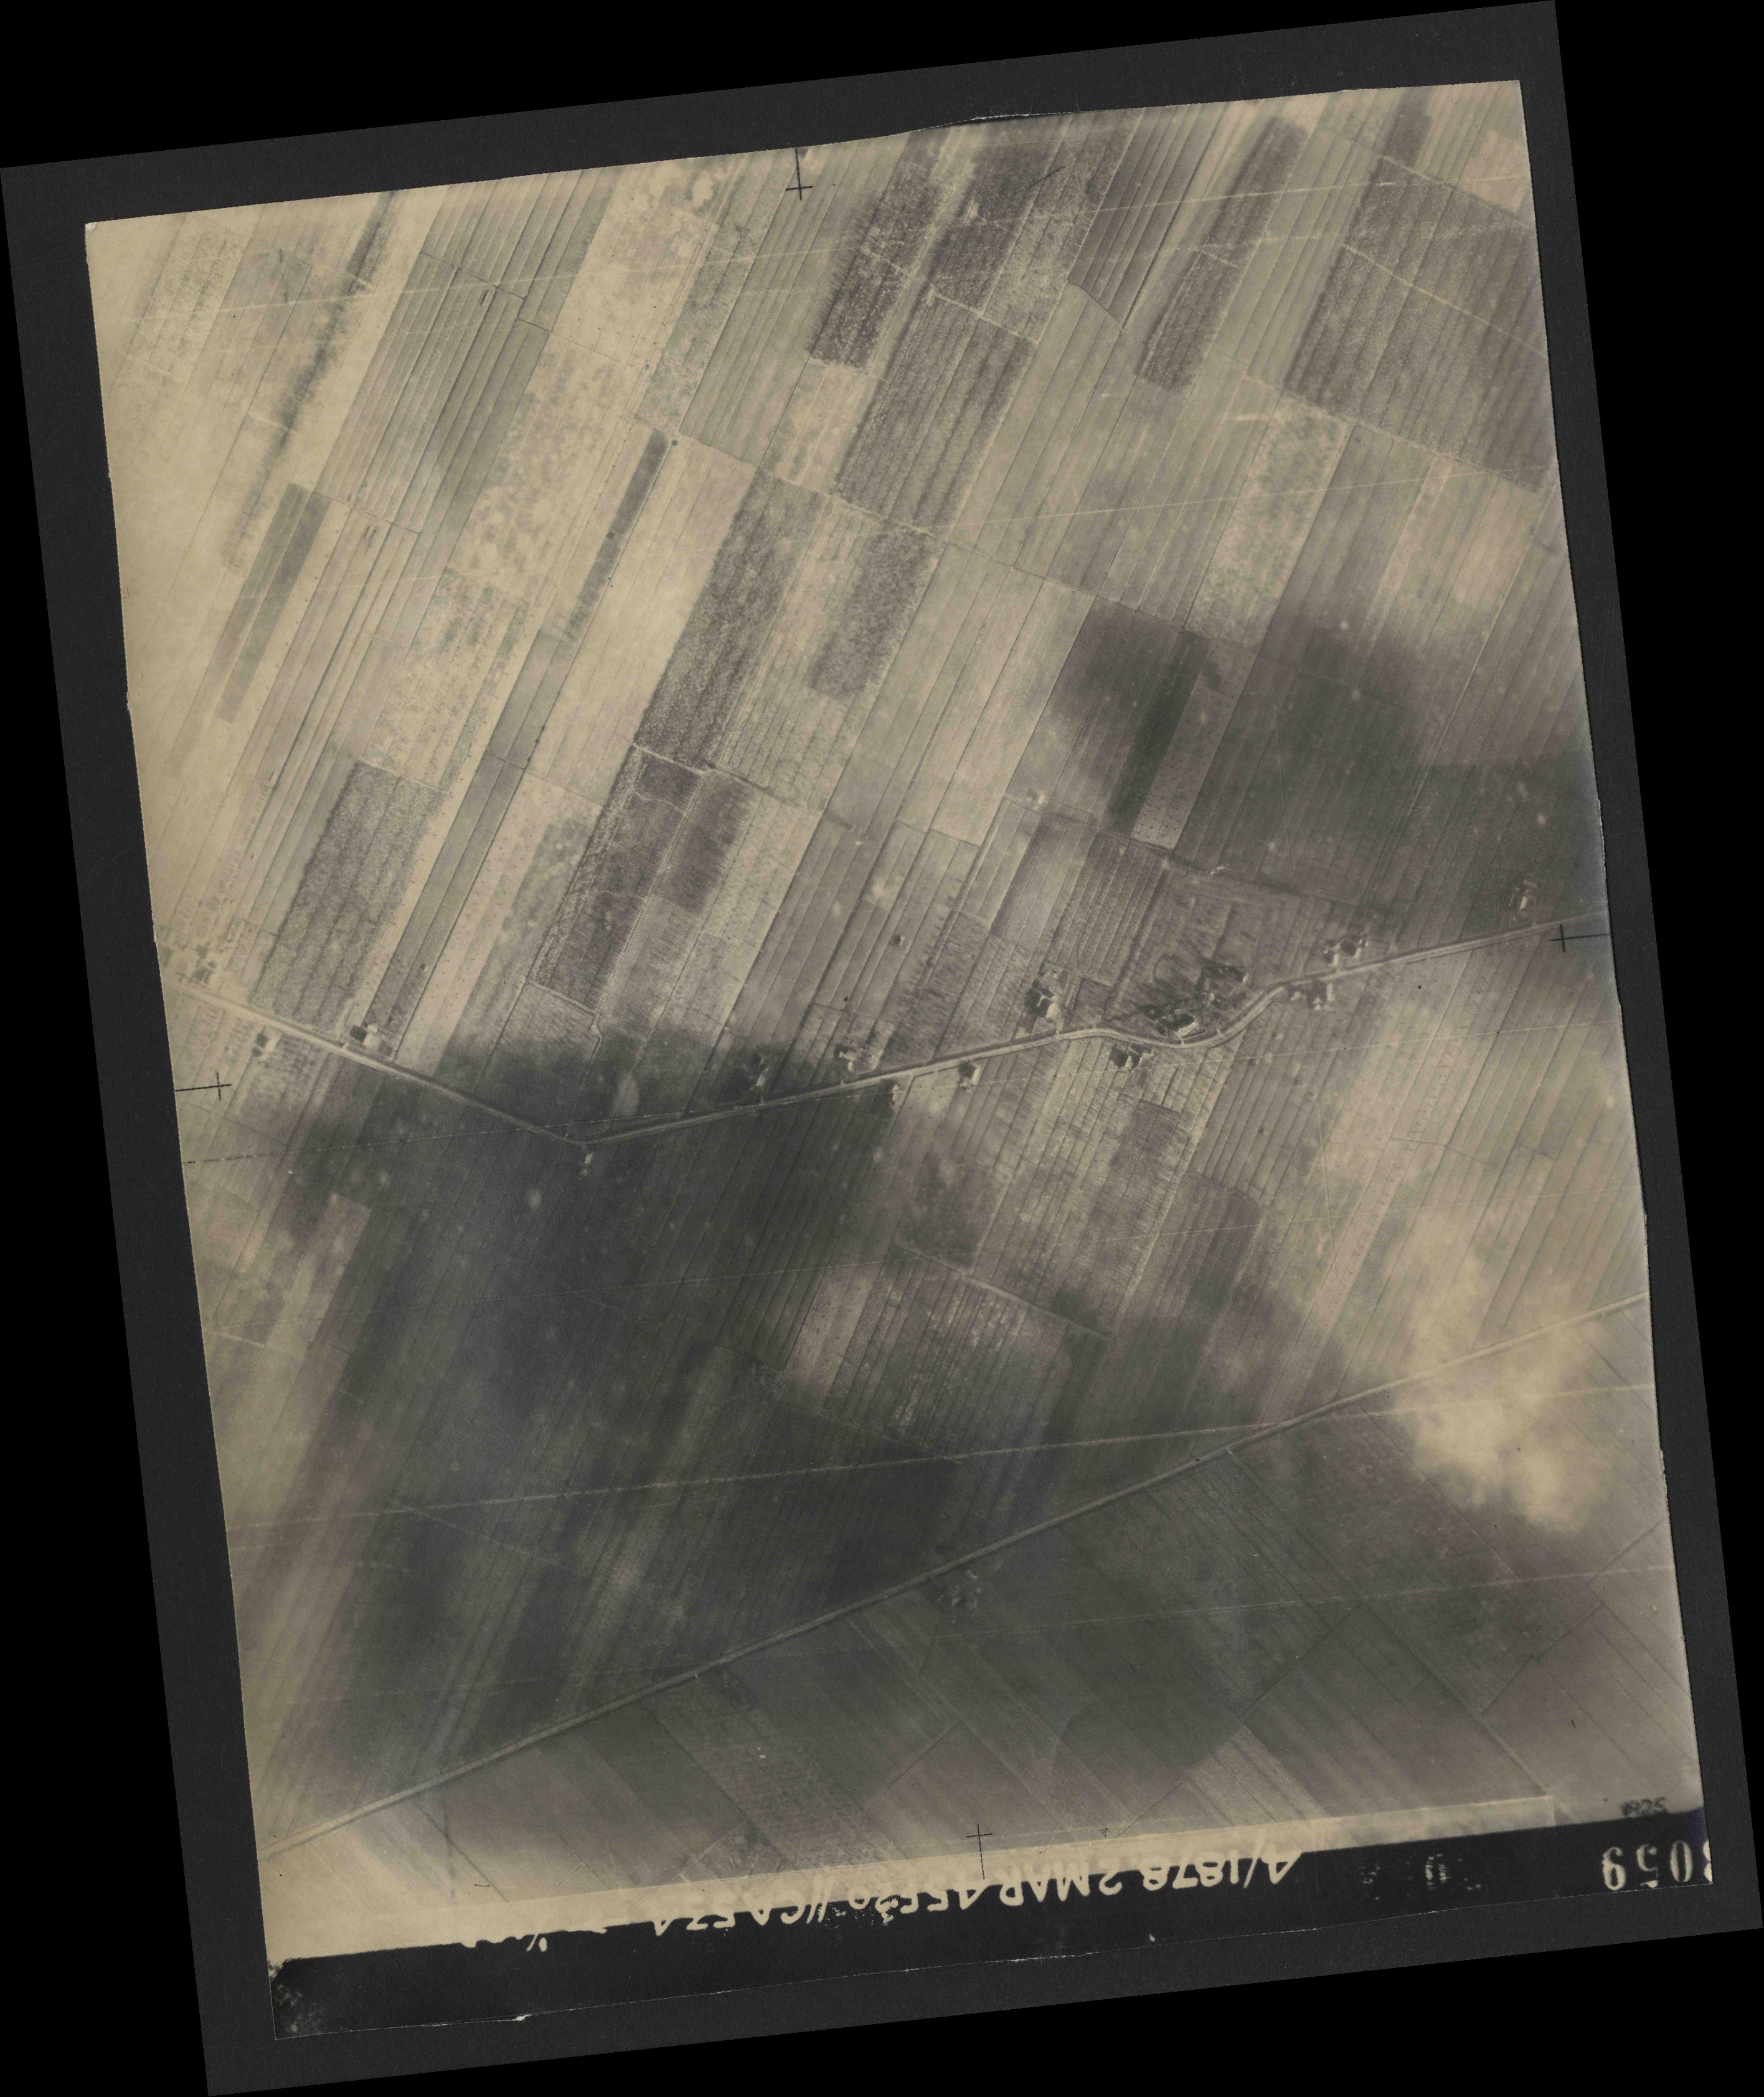 Collection RAF aerial photos 1940-1945 - flight 102, run 10, photo 3059